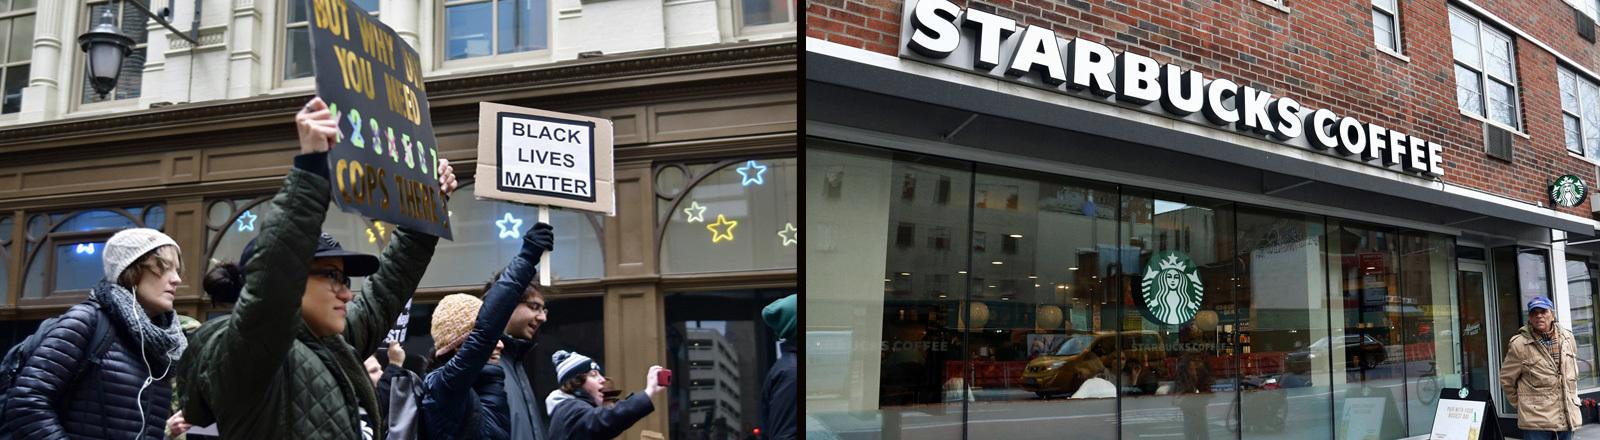 Eine Starbucksfiliale in den USA, in New York, am Tag nach der Ankündigung, dass Starbucks am 29. may 2018 8000 Filialen für einen halben Tag für ein Anti-Rassismus-Training schließt.